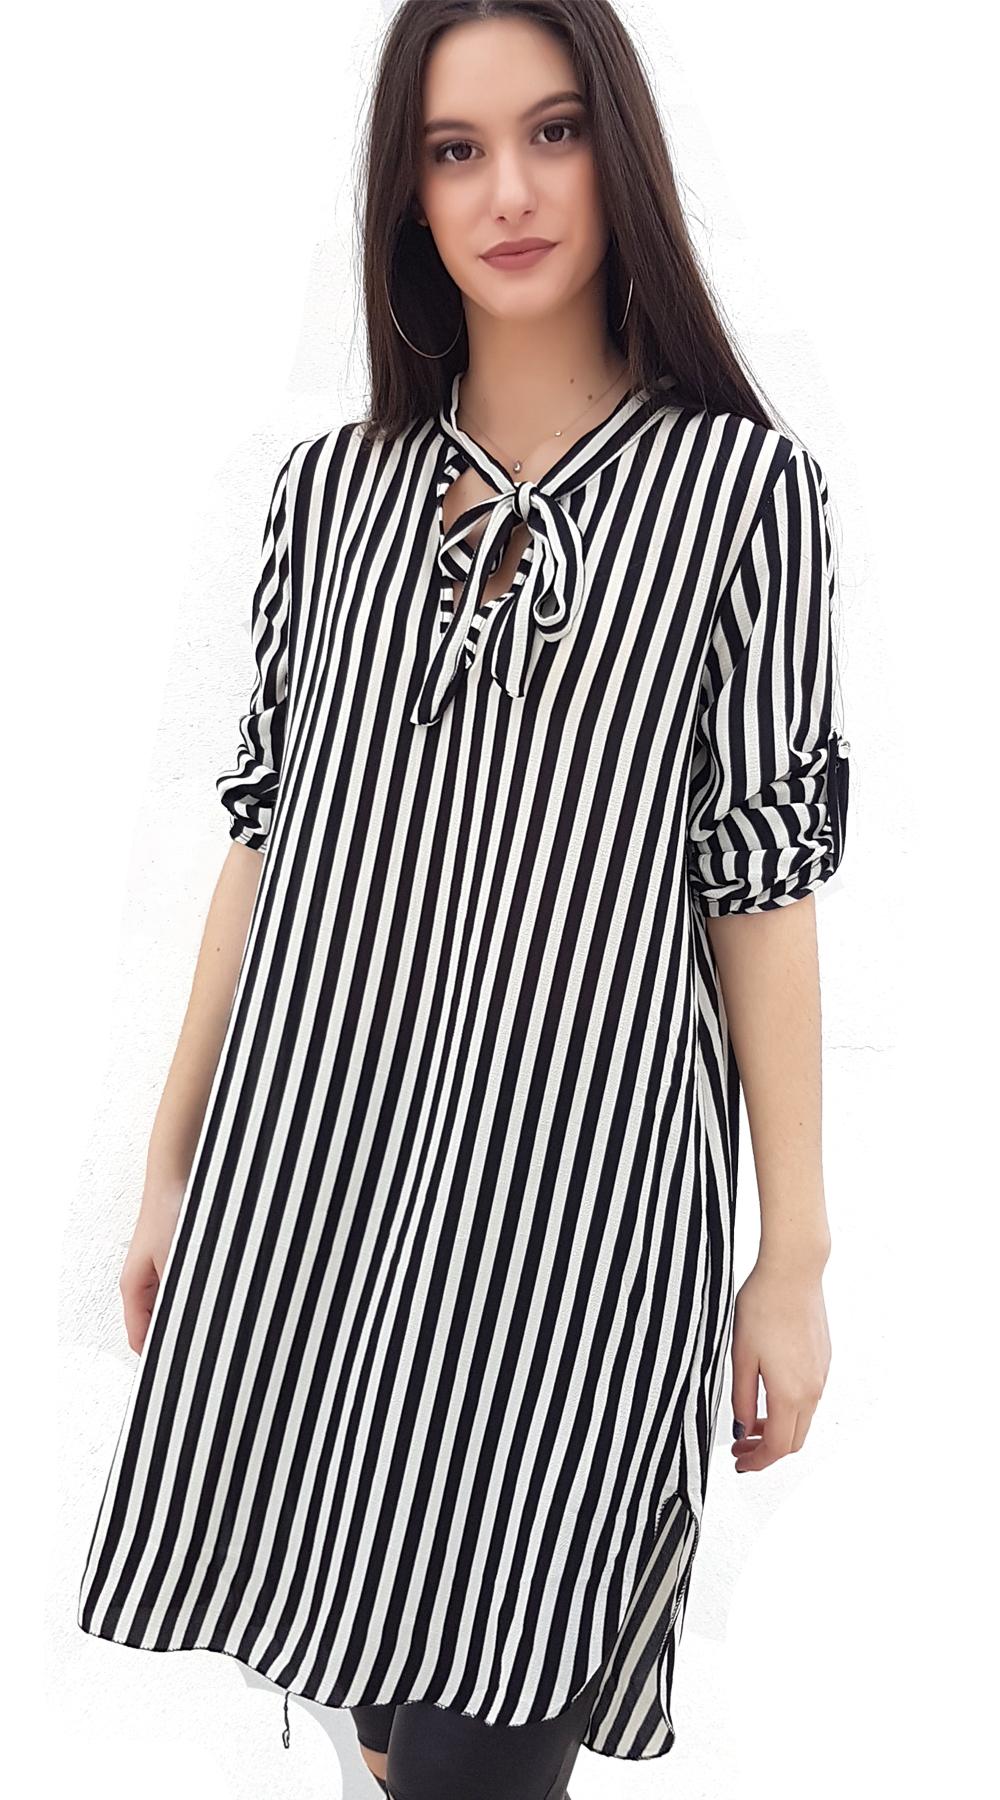 Γυναικεία ριγέ τουνίκ με δέσιμο στο λαιμό - OEM - SP18SOF-1912000 μπλούζες   t shirts elegant tops